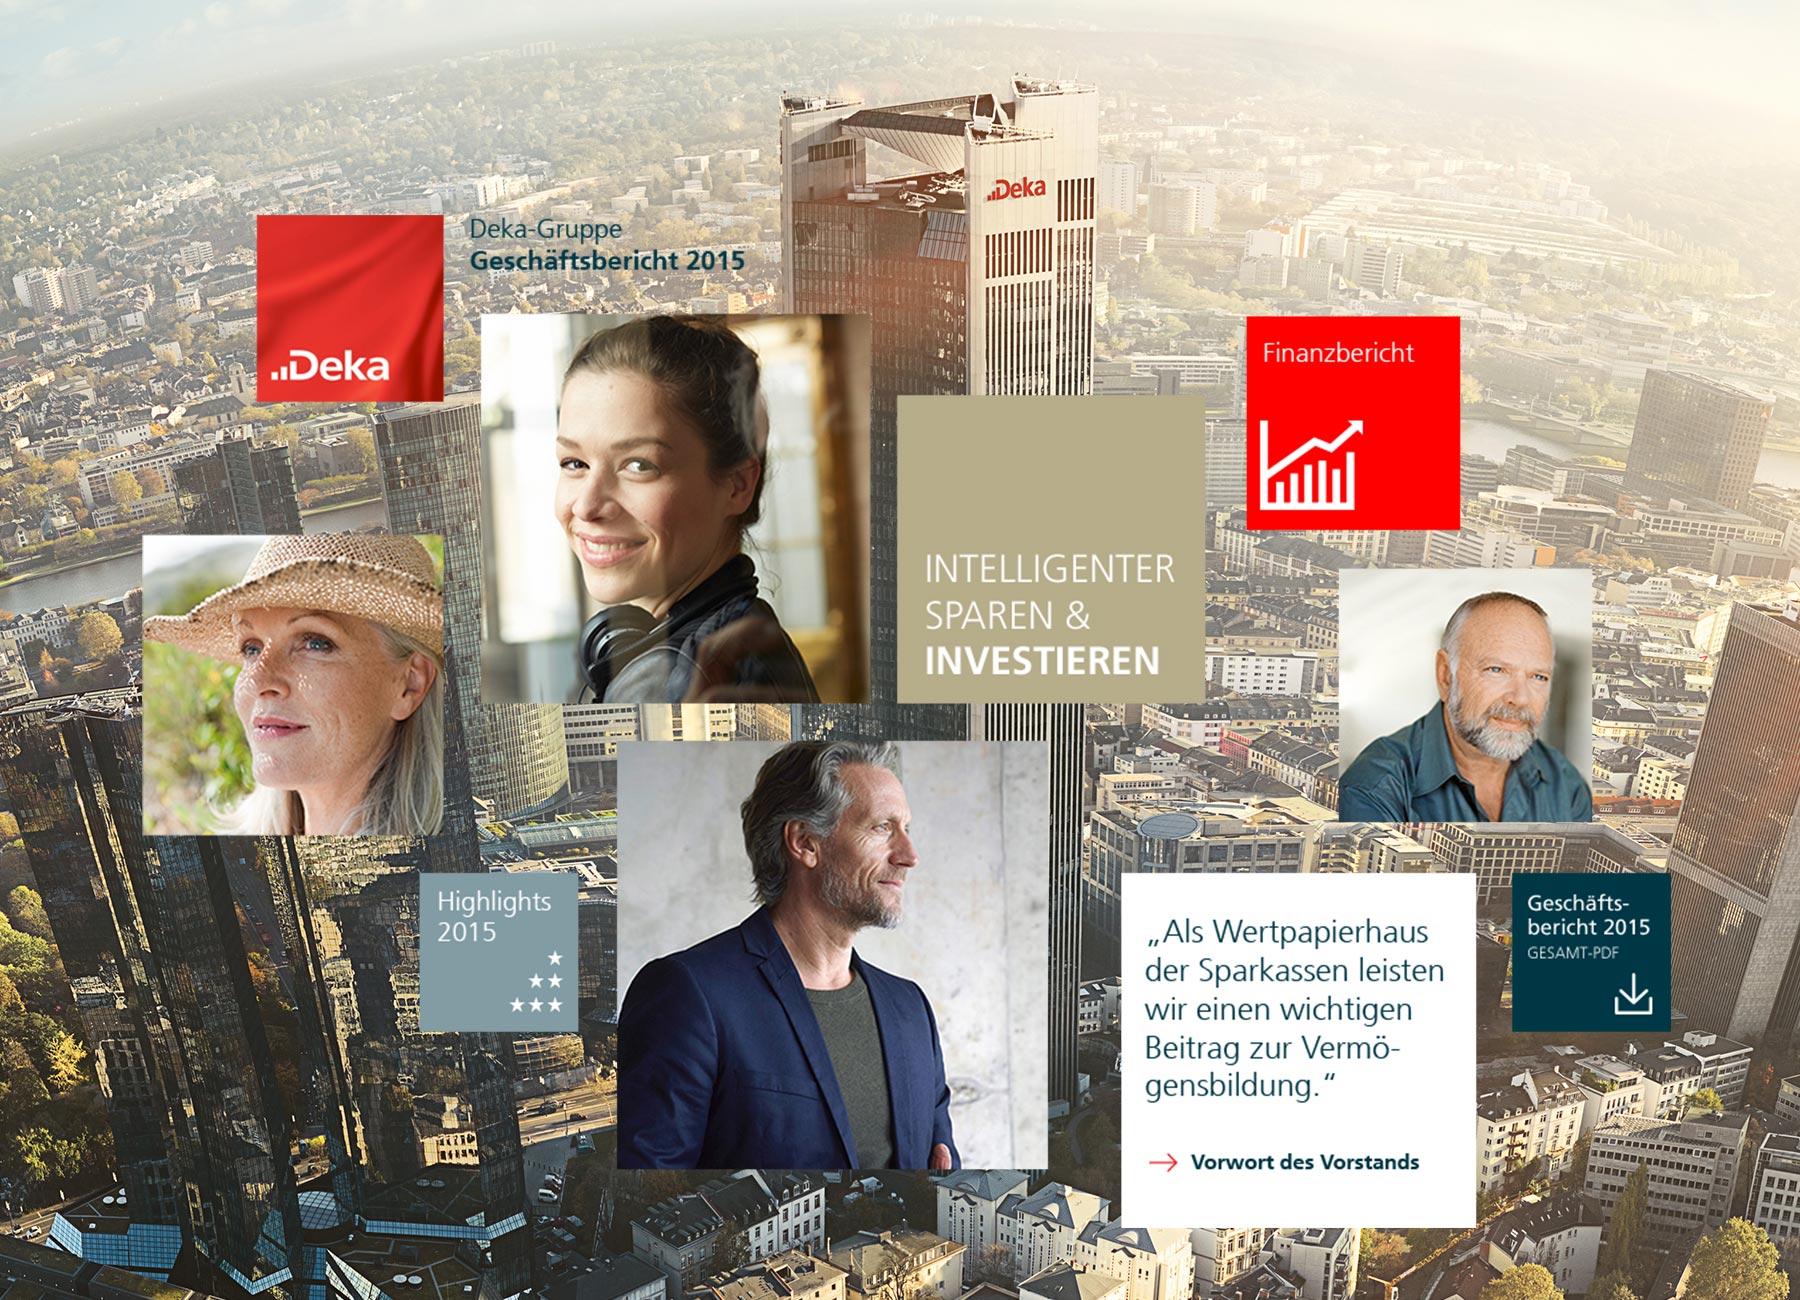 Deka Bank Online-Geschäftsbericht